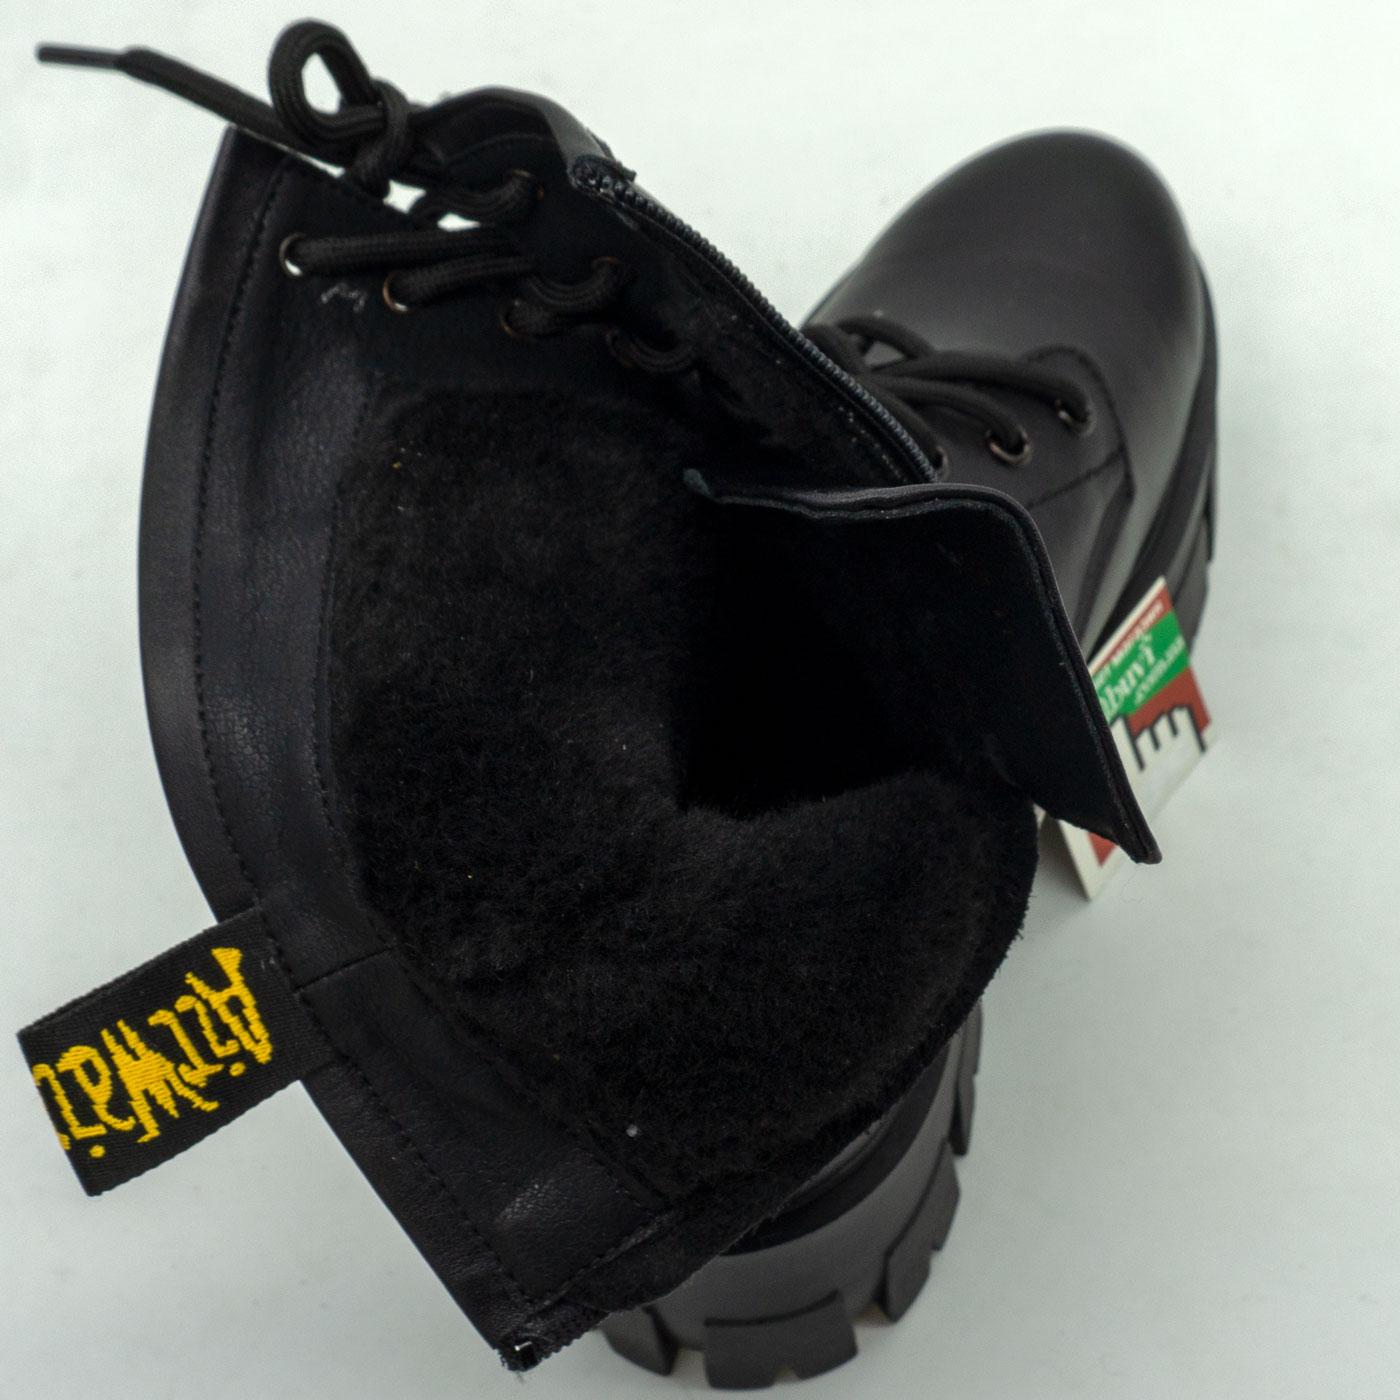 фото back Зимние черные женские ботинки в Dr. Martens на платформе - 004 back